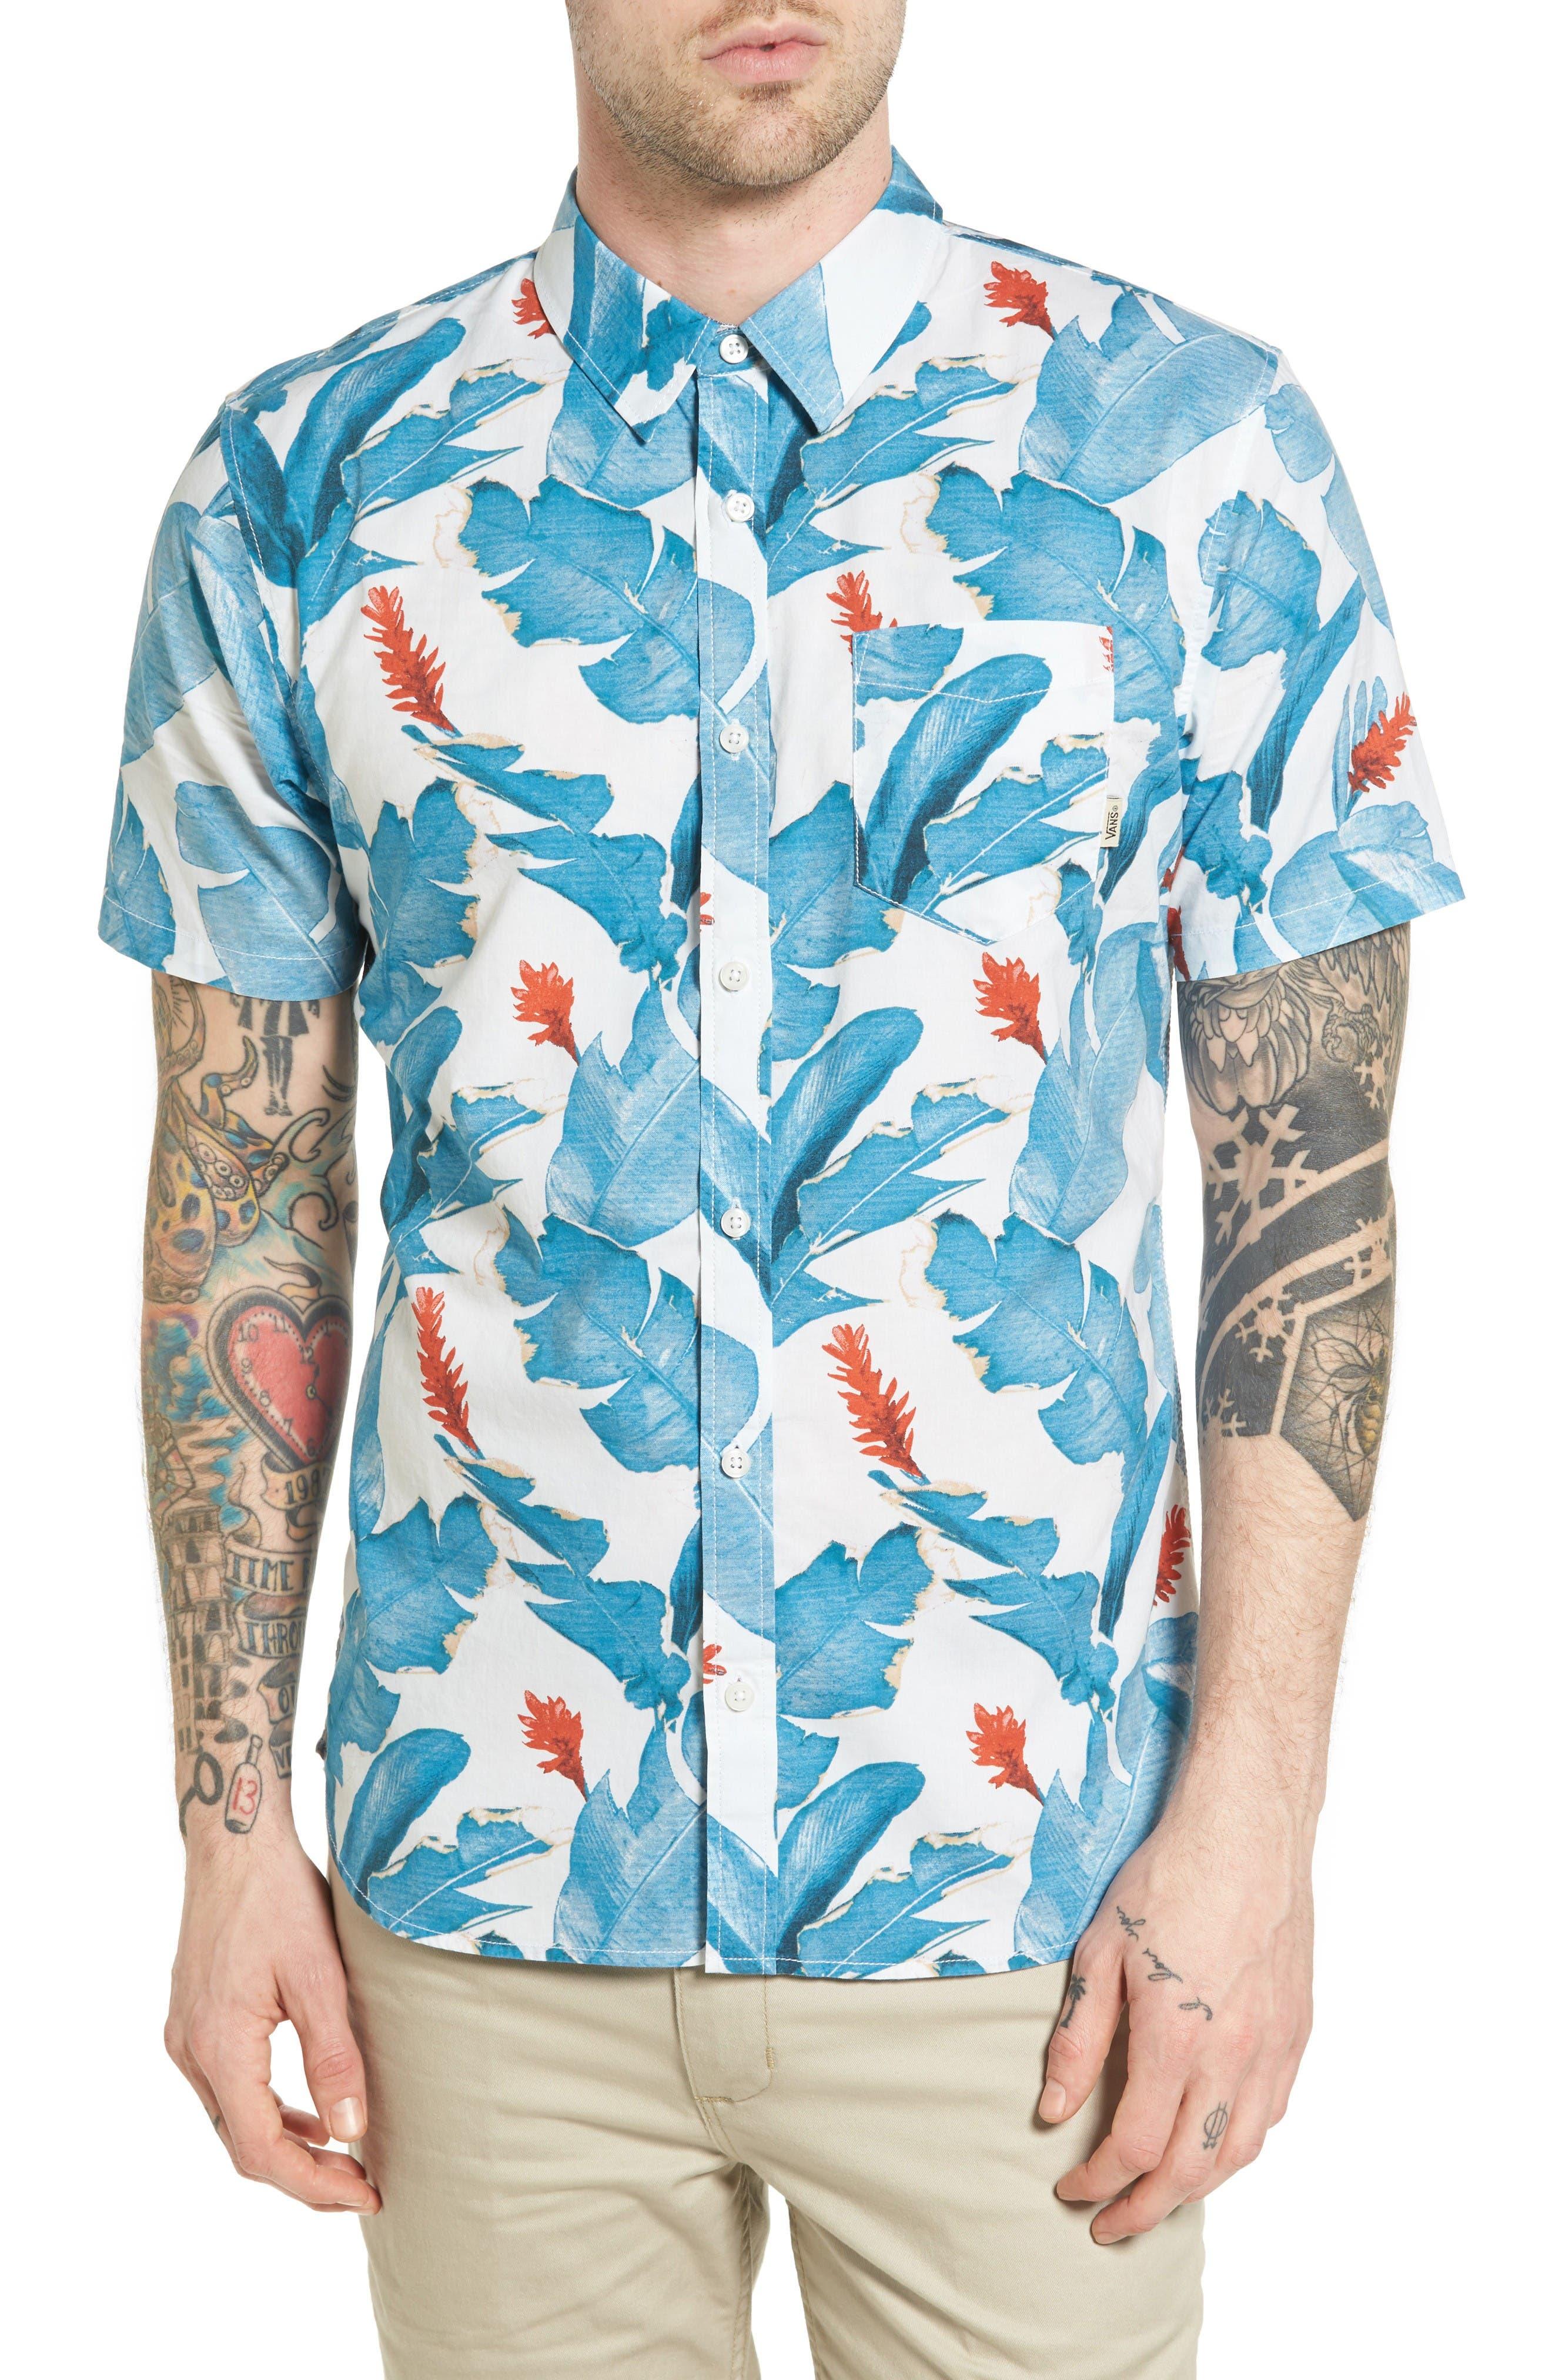 Vans Bonsai Print Woven Shirt